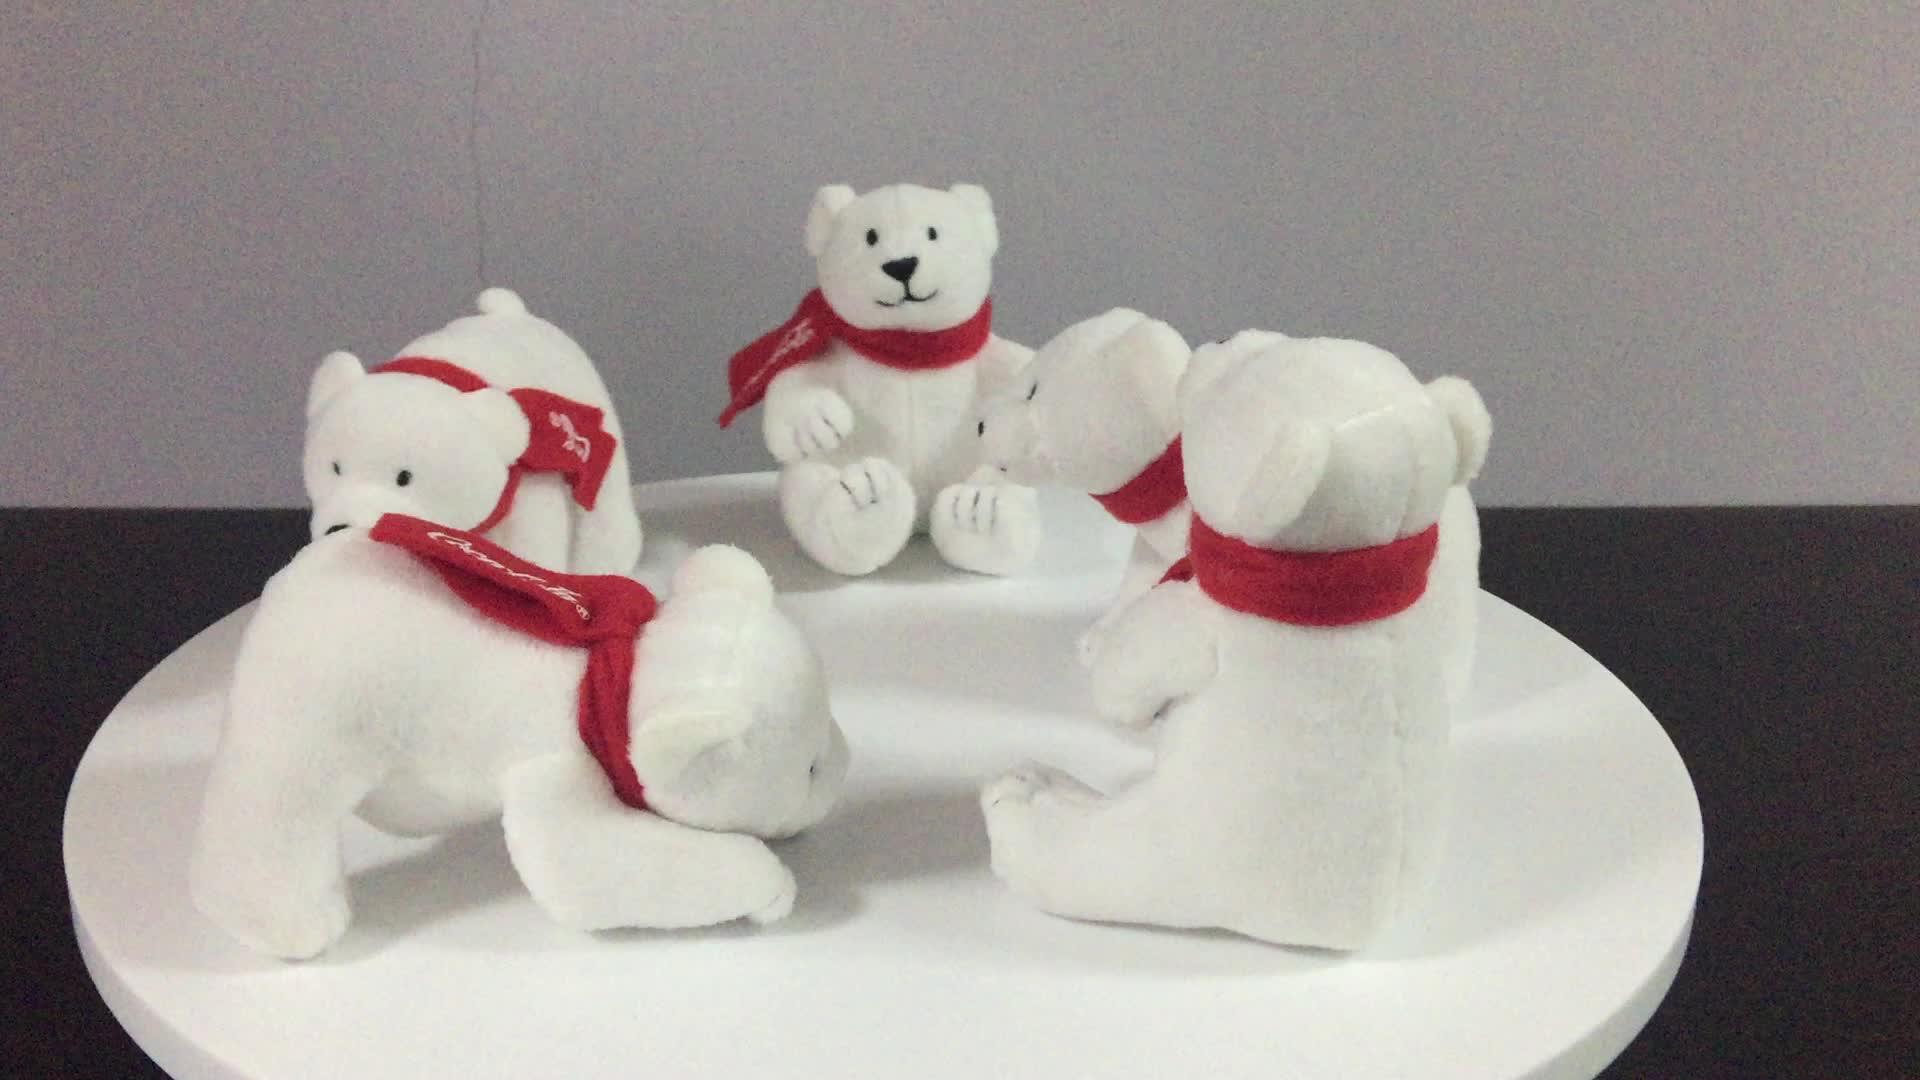 โปรโมชั่นโคล่าโรงงานผ่านการตรวจสอบCOCA-COLAยี่ห้อตุ๊กตาหมีขั้วโลกที่มีสีแดงถักผ้าพันคอโค้กคริสต์มาส